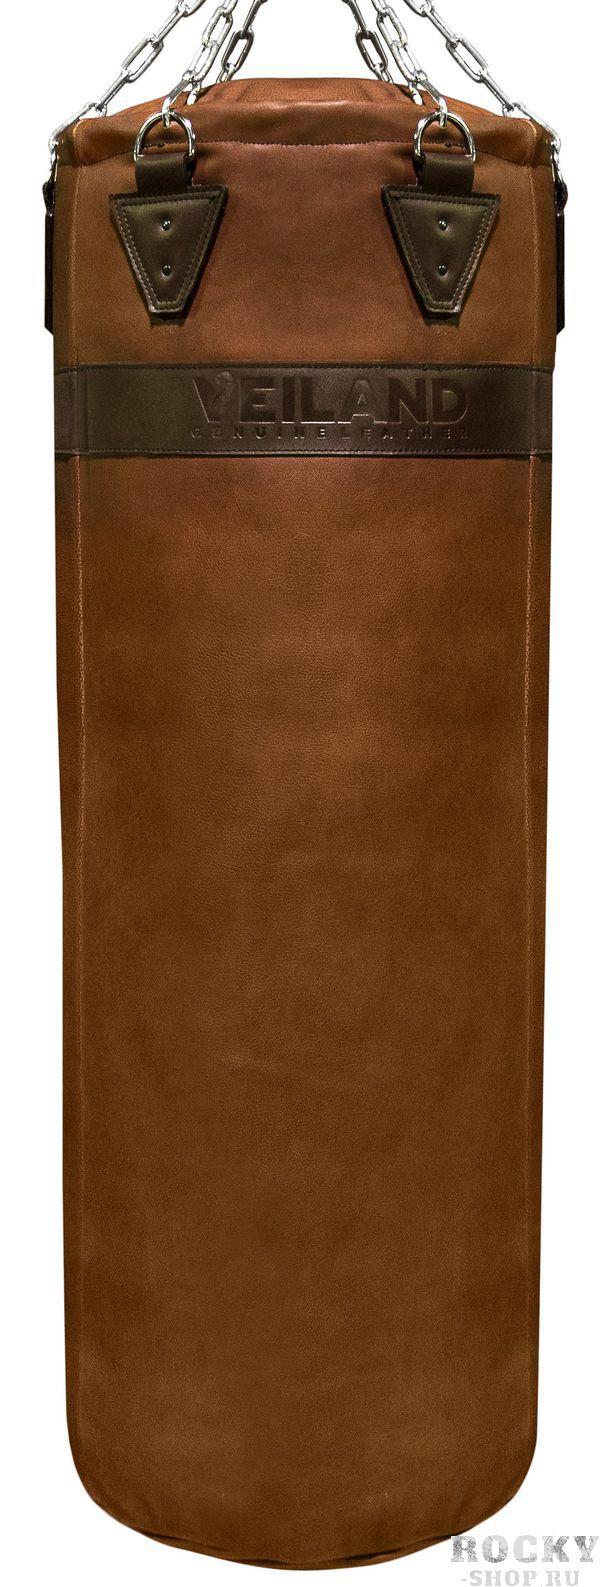 Профессиональный боксерский мешок Veiland, кожа, 140х45см, 65кг Veiland